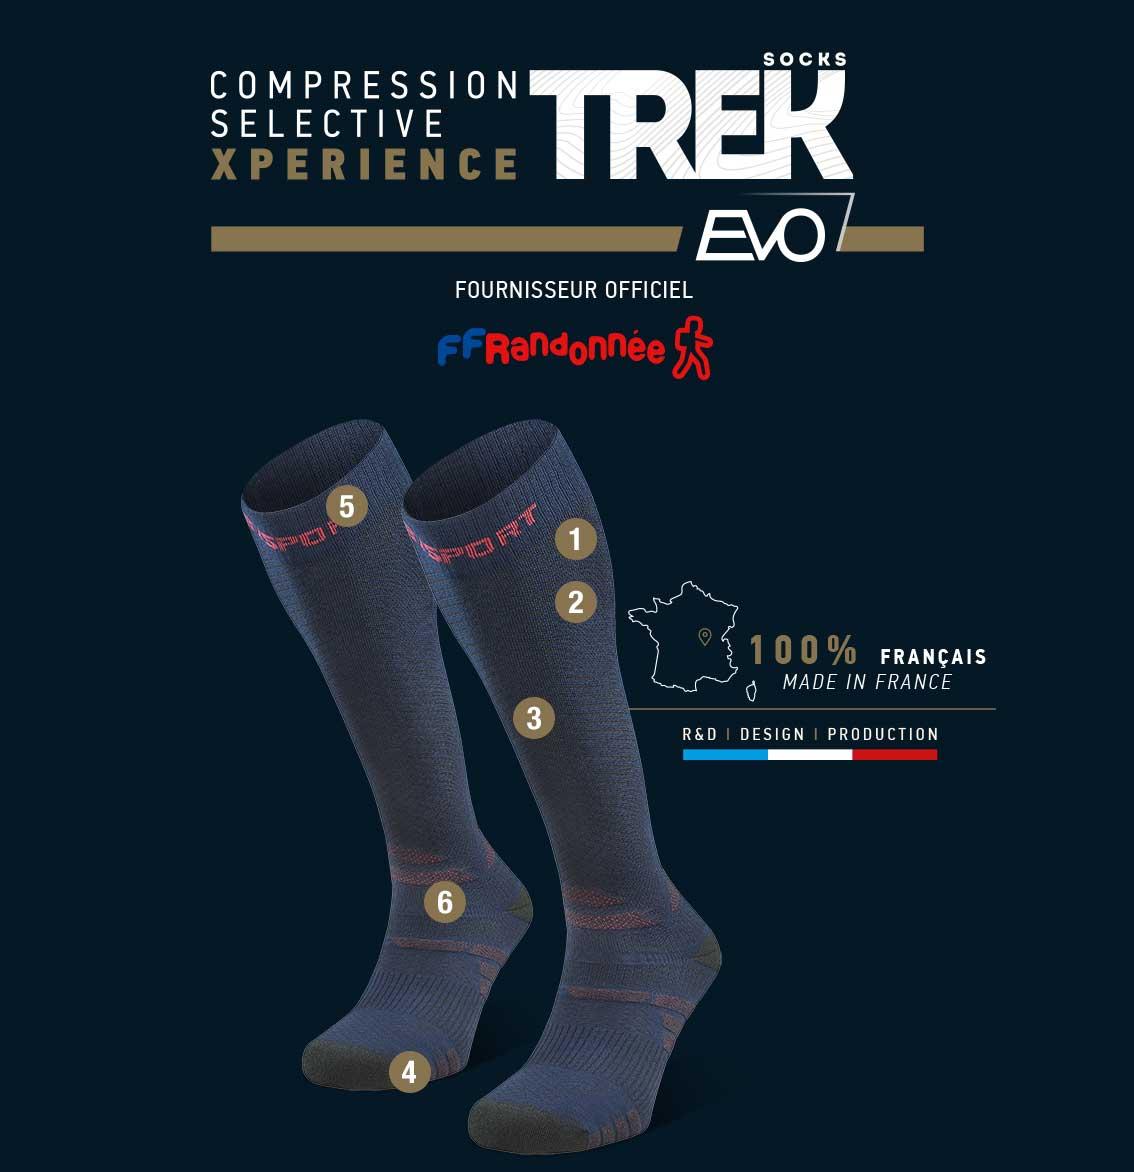 Chaussettes_randonnée_Trek_compression_EVO_bleu-rouge